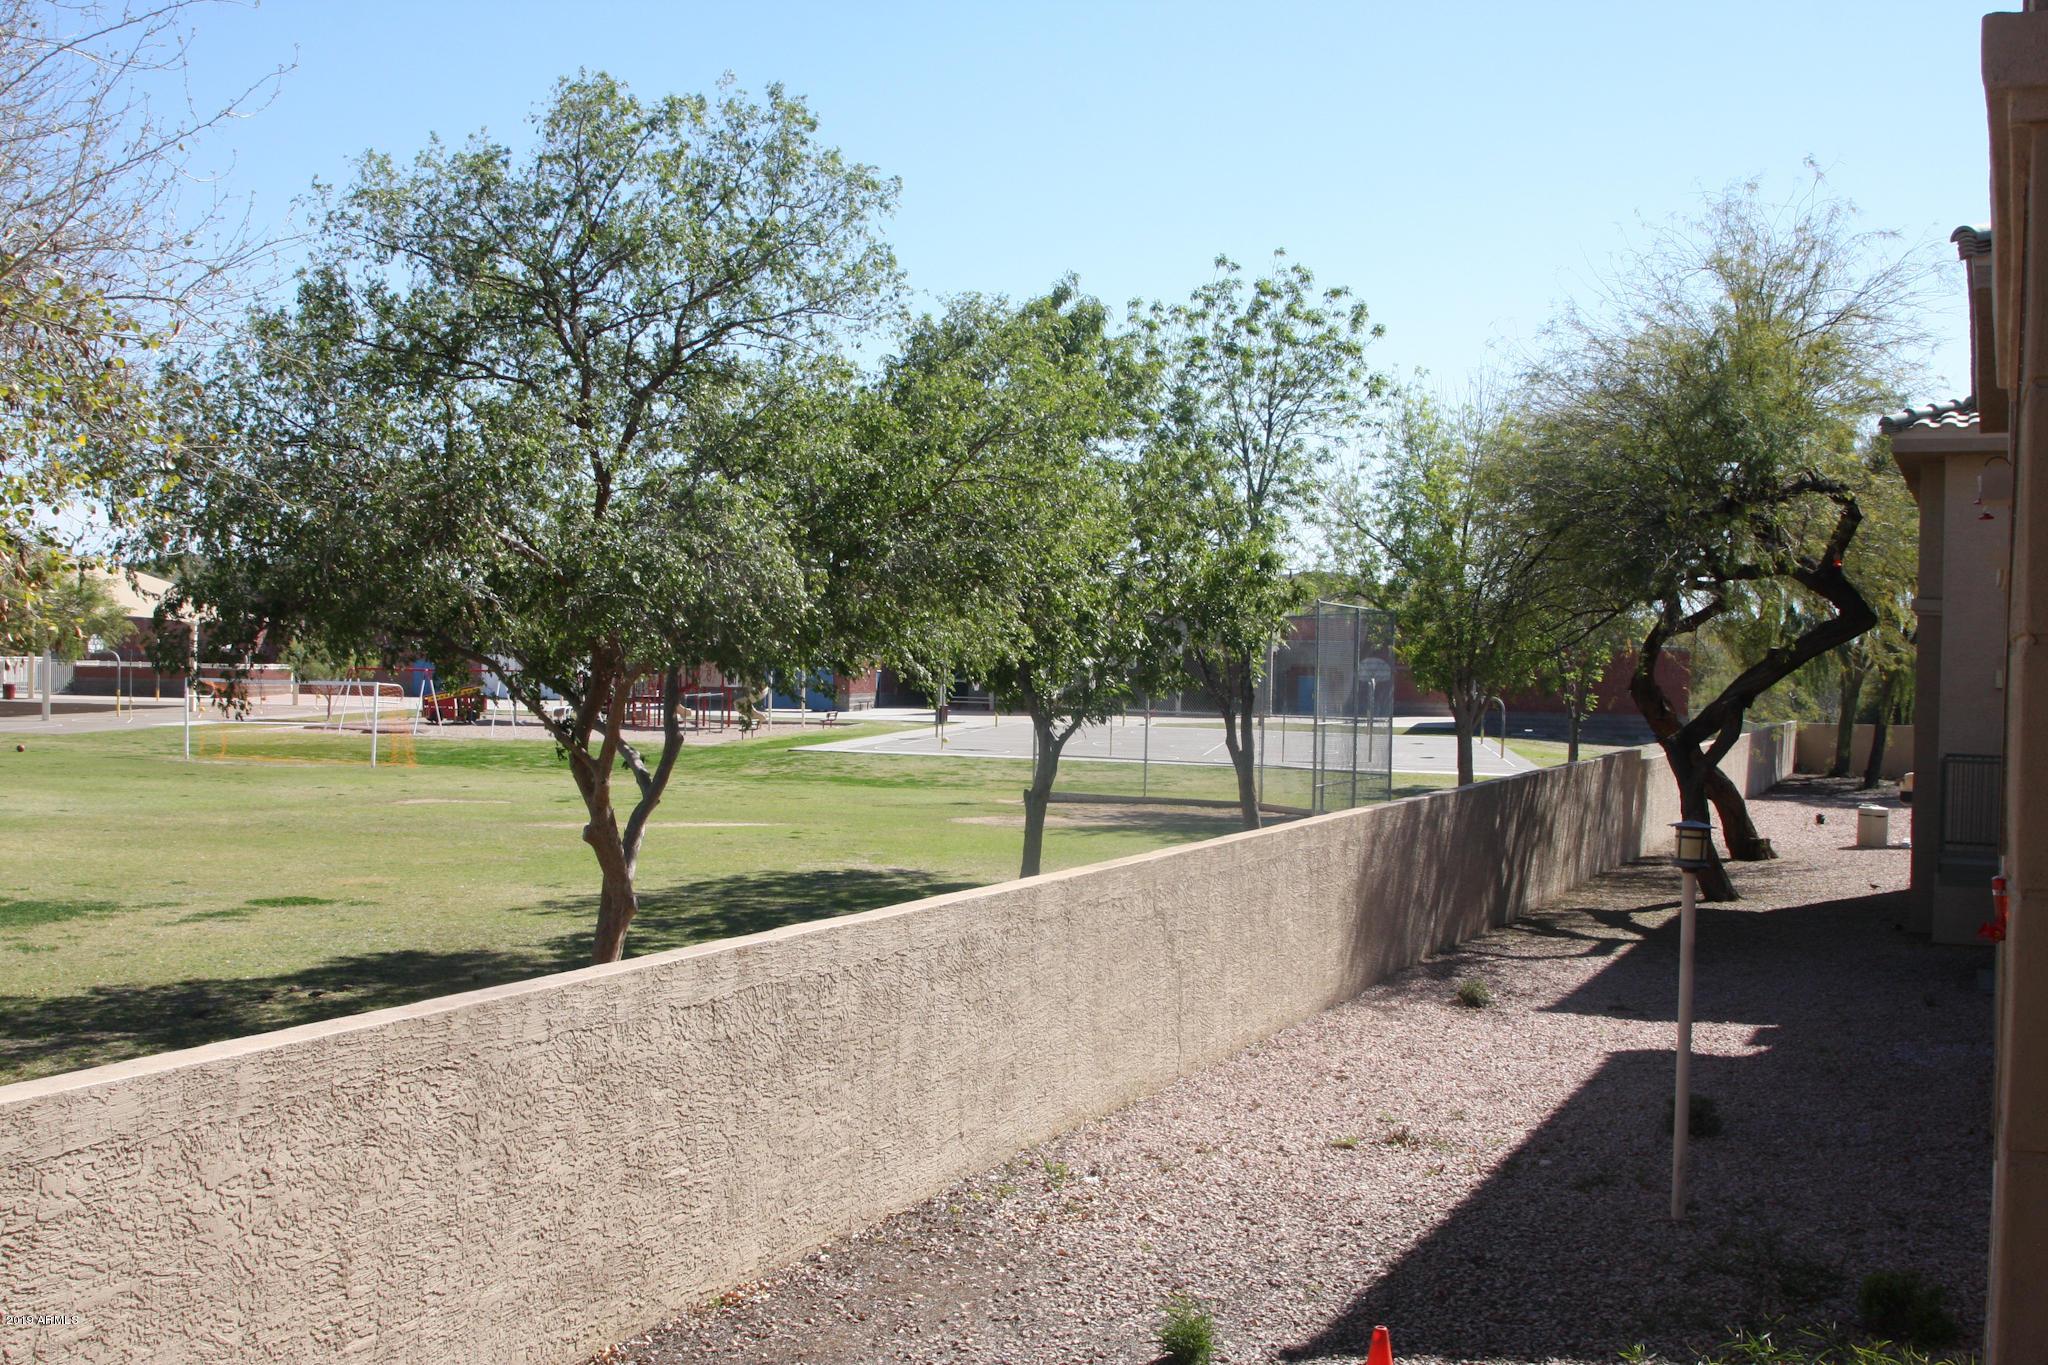 MLS 5898625 16013 S DESERT FOOTHILLS Parkway Unit 2043, Phoenix, AZ 85048 Phoenix AZ REO Bank Owned Foreclosure